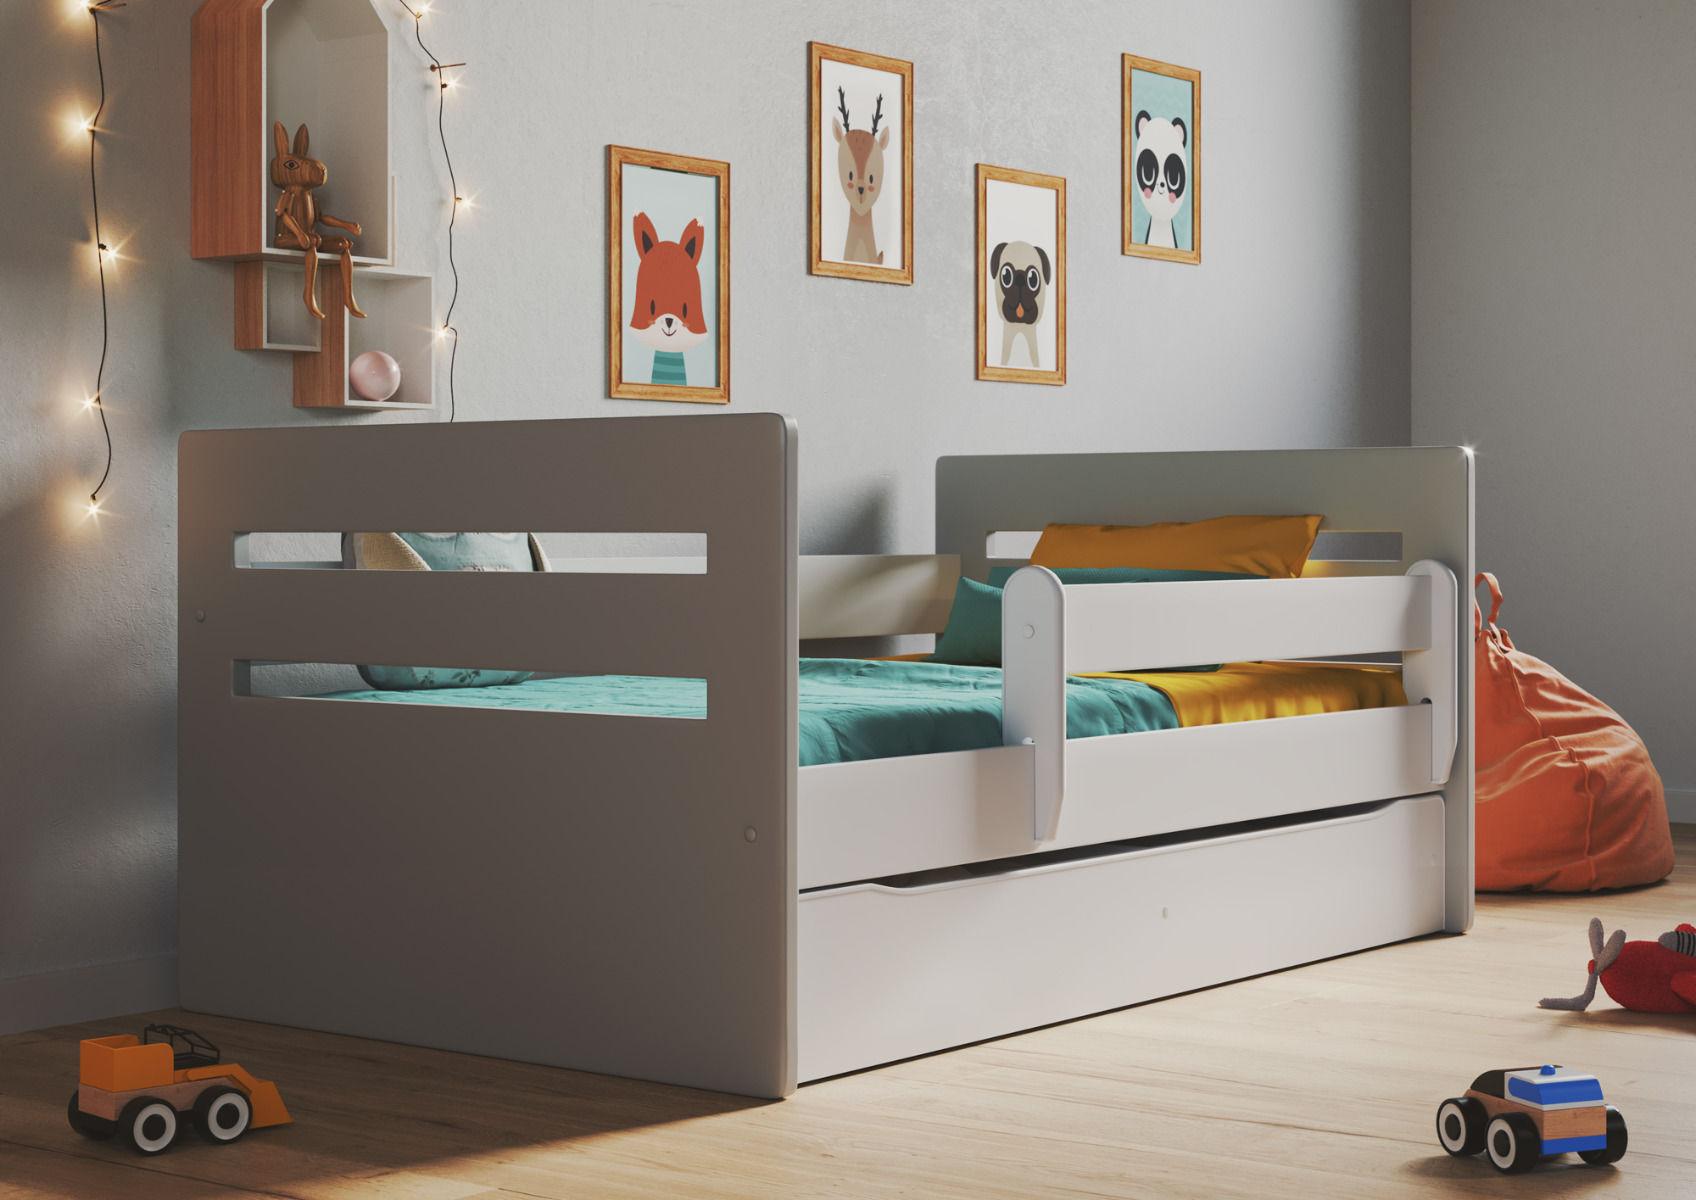 Łóżko dziecięce TOMI MIX 160x80 białe/szare  Kupuj w Sprawdzonych sklepach